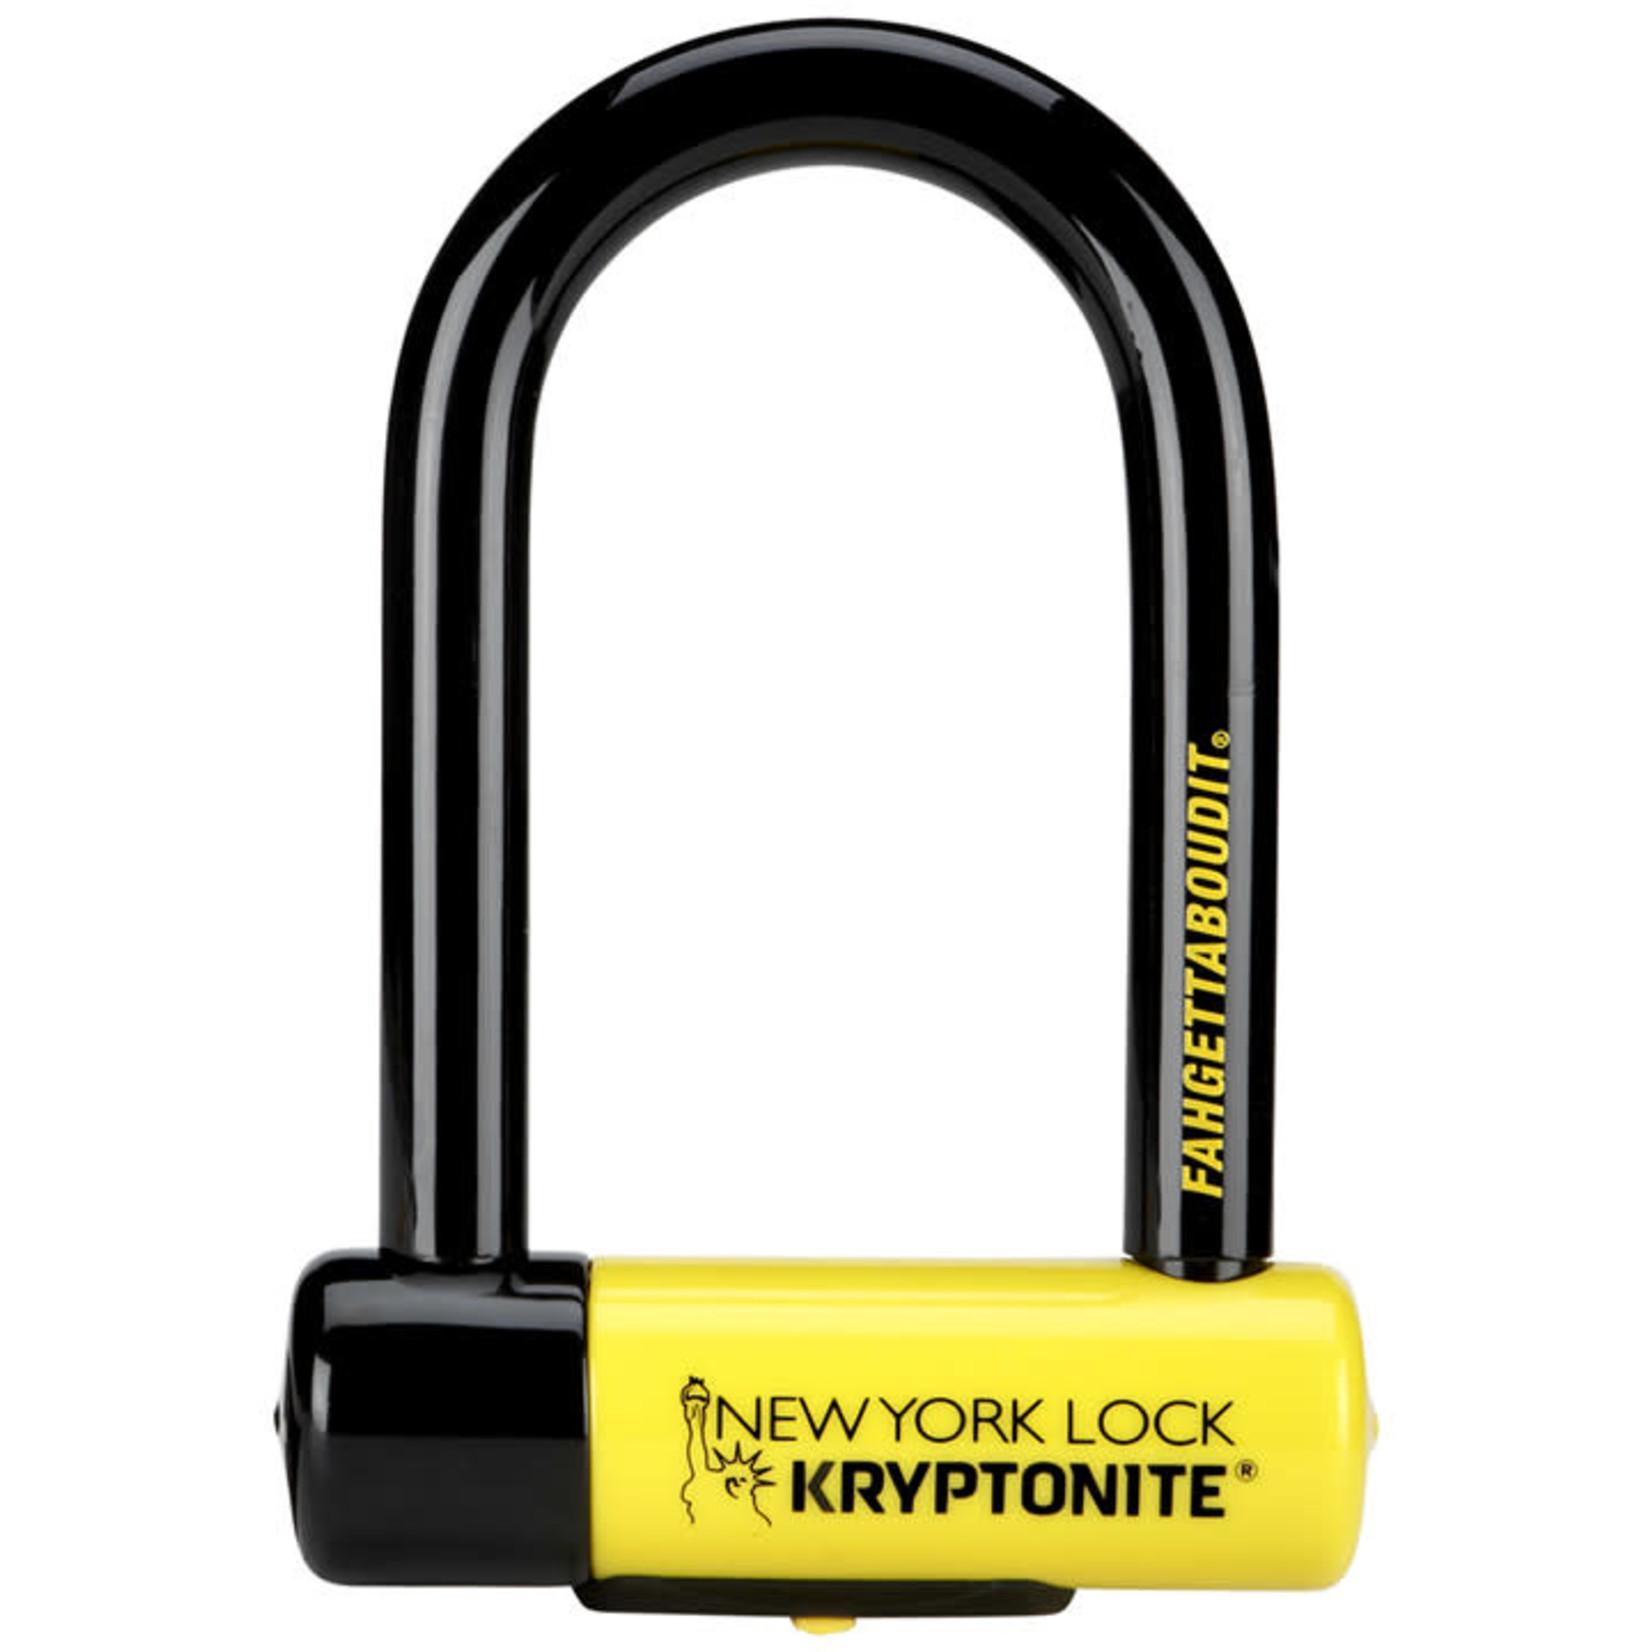 Kryptonite Kryptonite New York Fahgettaboudit U-Lock